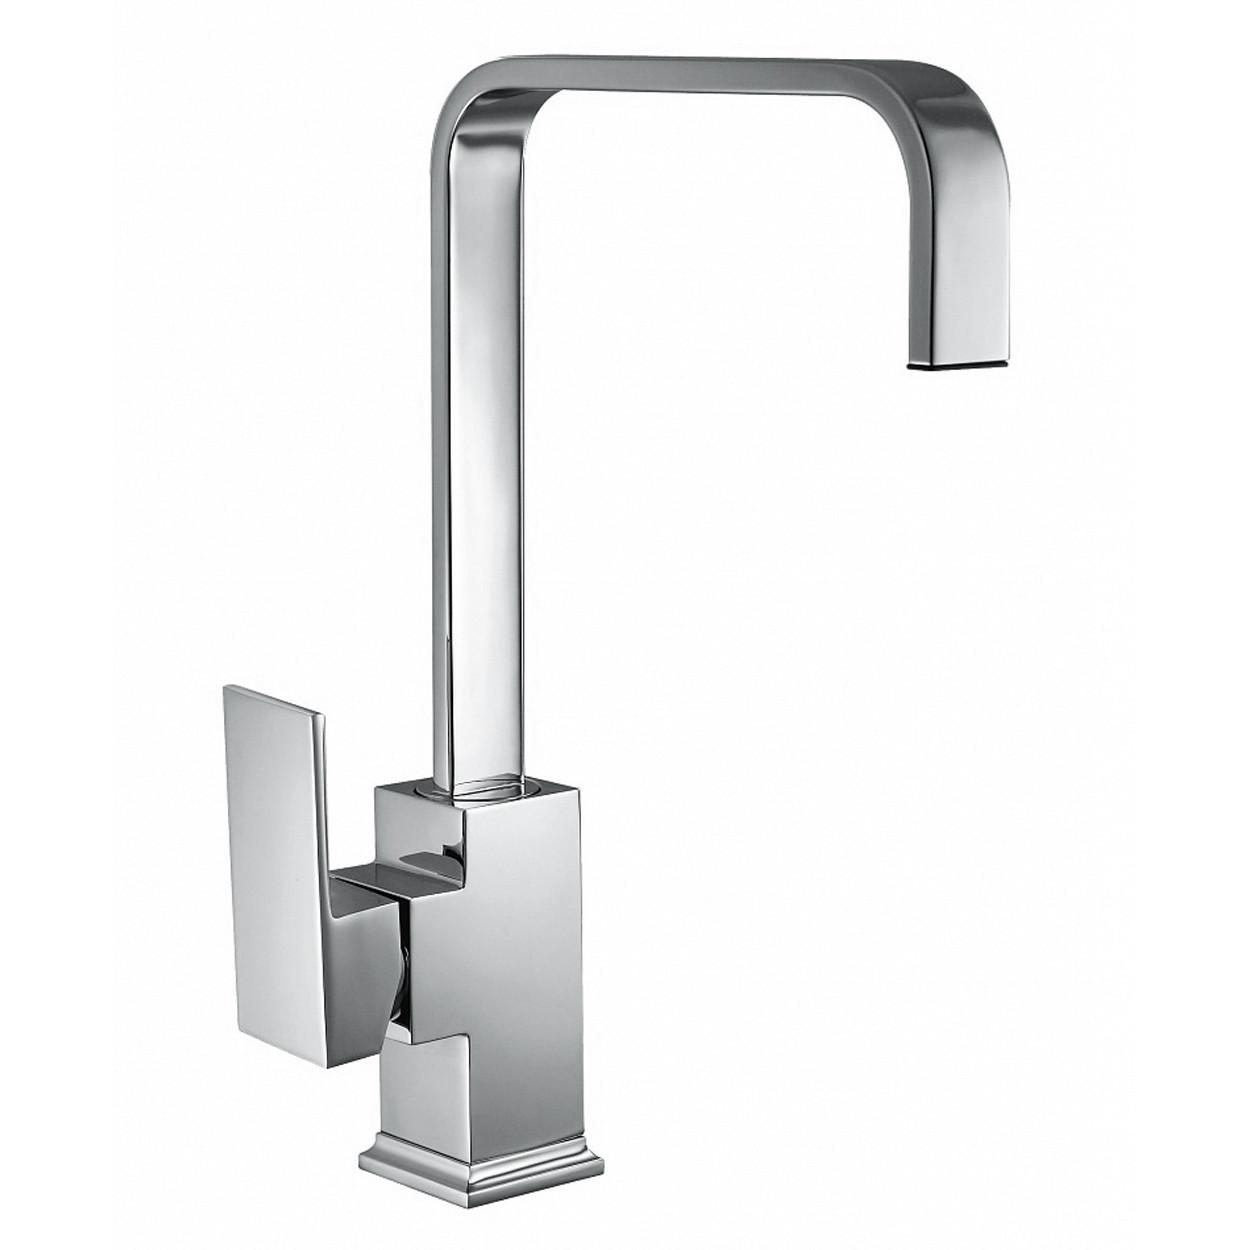 ELANTA змішувач для кухні, хром, 35 мм